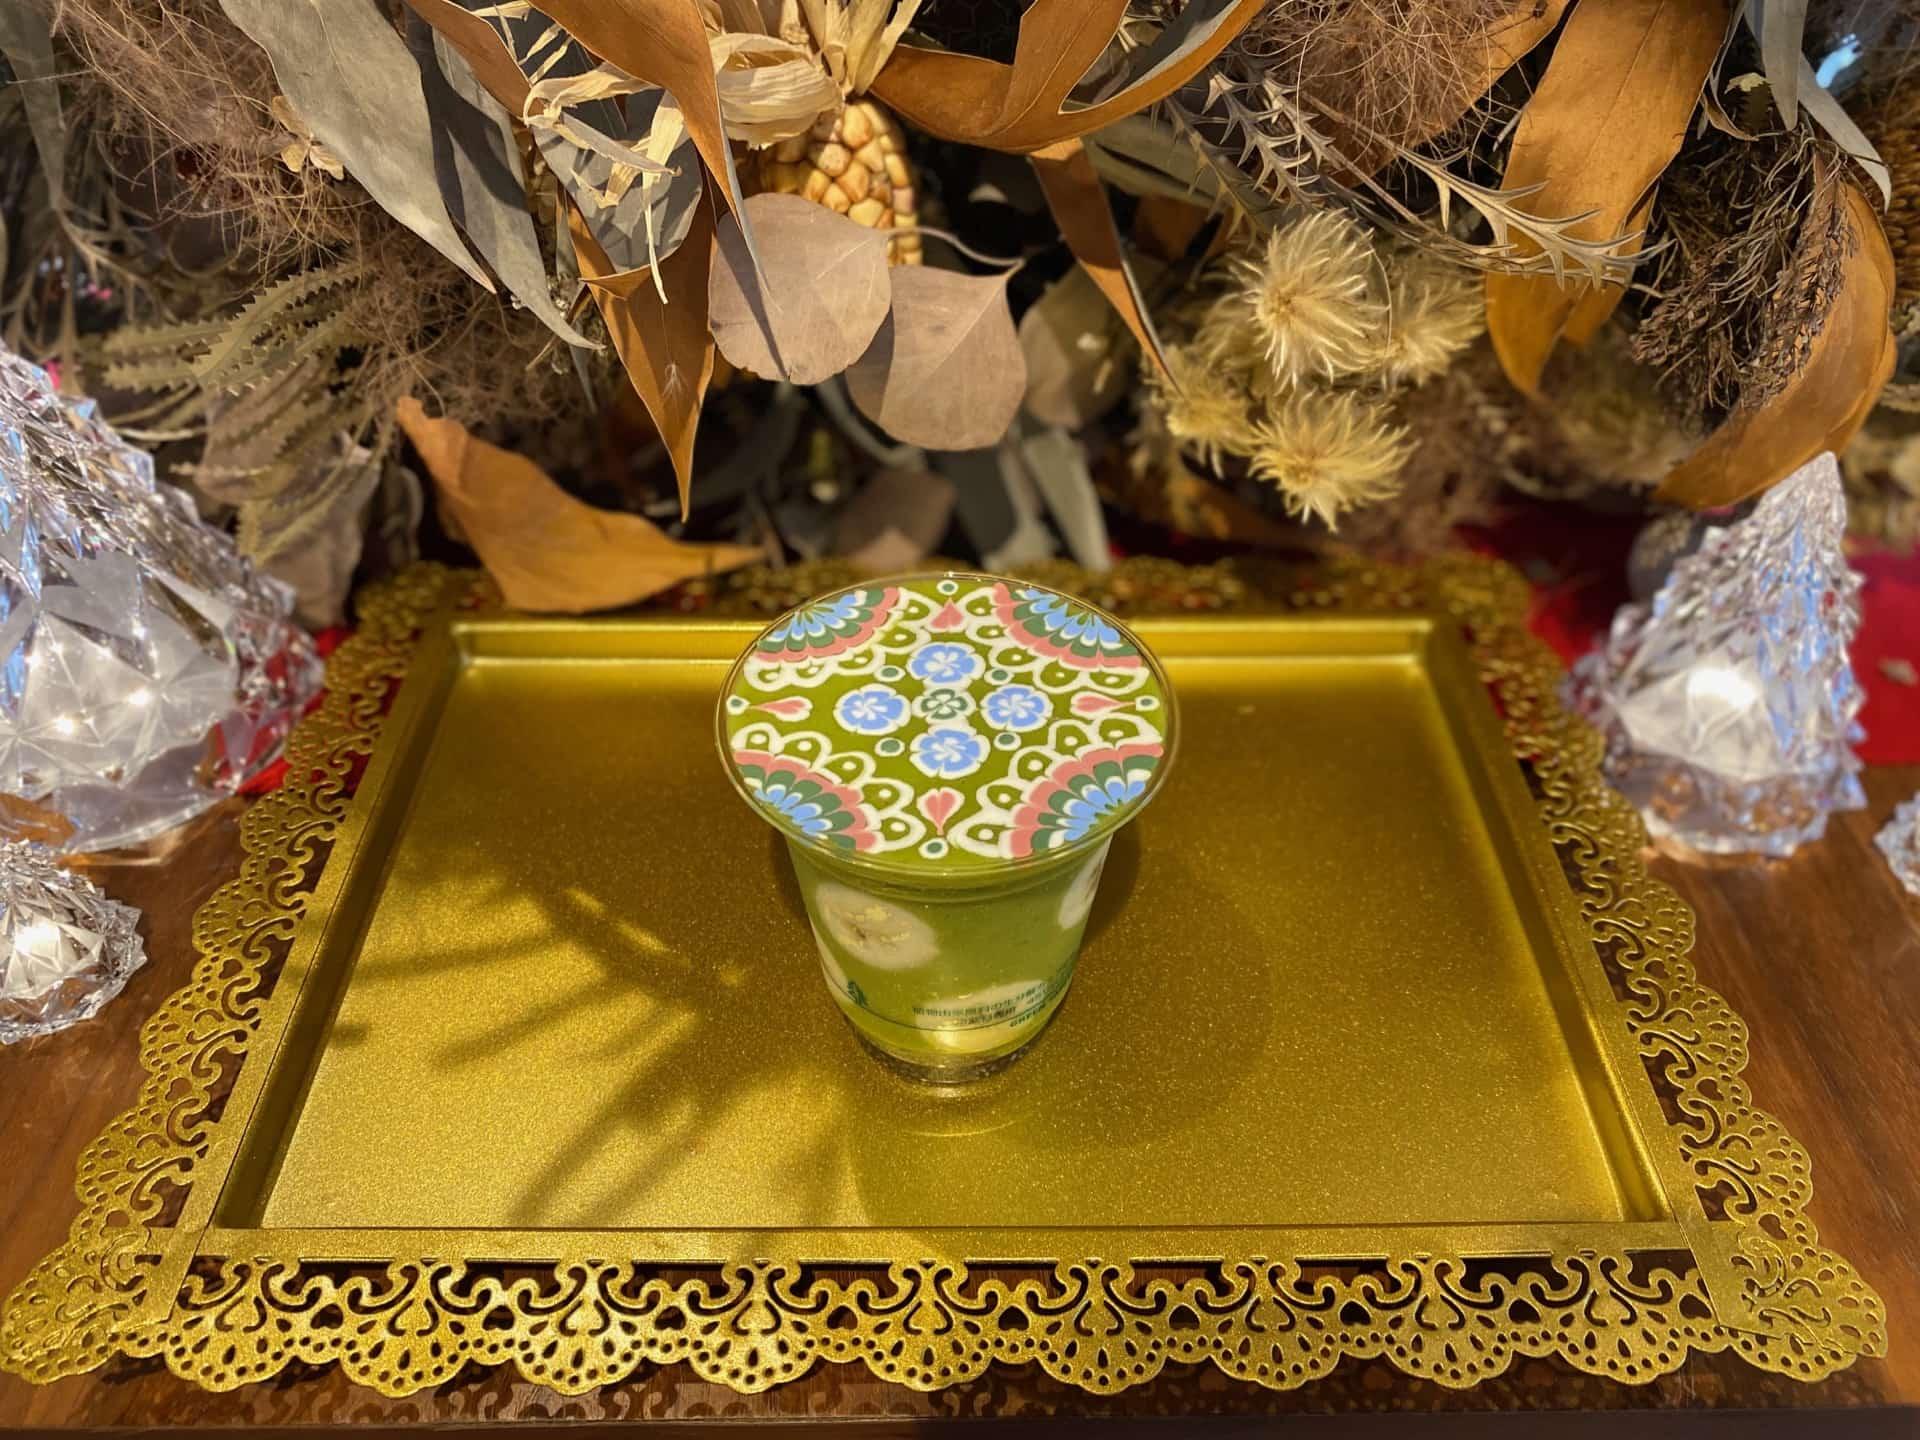 グリーンキタノ(green kitano) − 神戸・北野のスムージー店。美しすぎるアートスムージー!